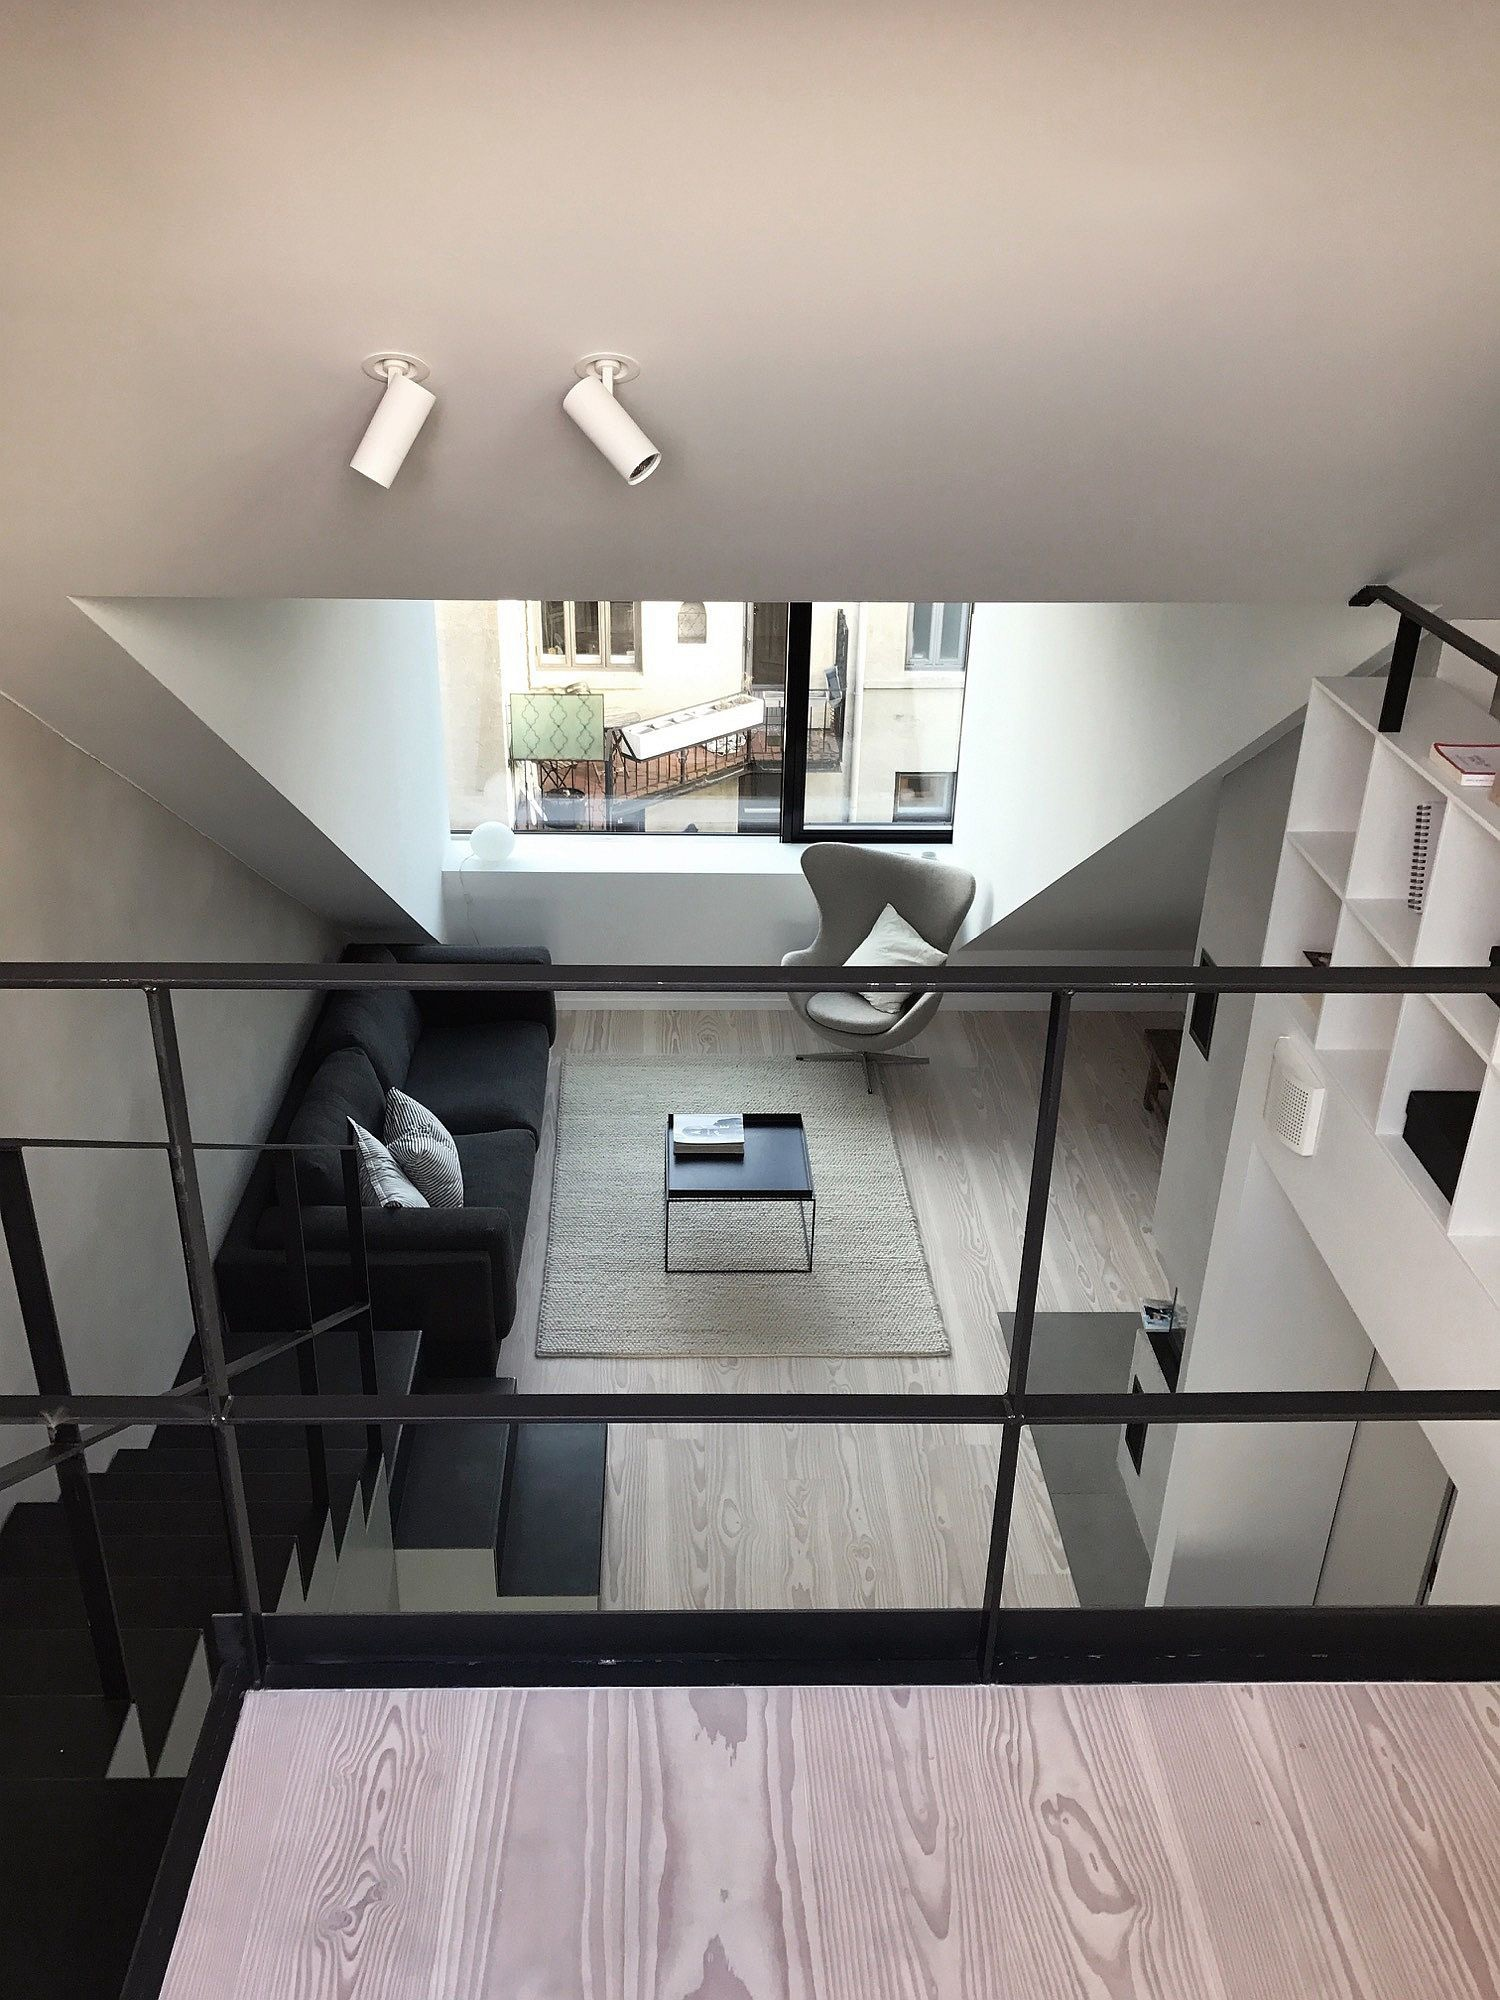 Biến hóa gác xép cũ thành căn hộ hiện đại, xinh xắn đầy ánh sáng tự nhiên - Ảnh 6